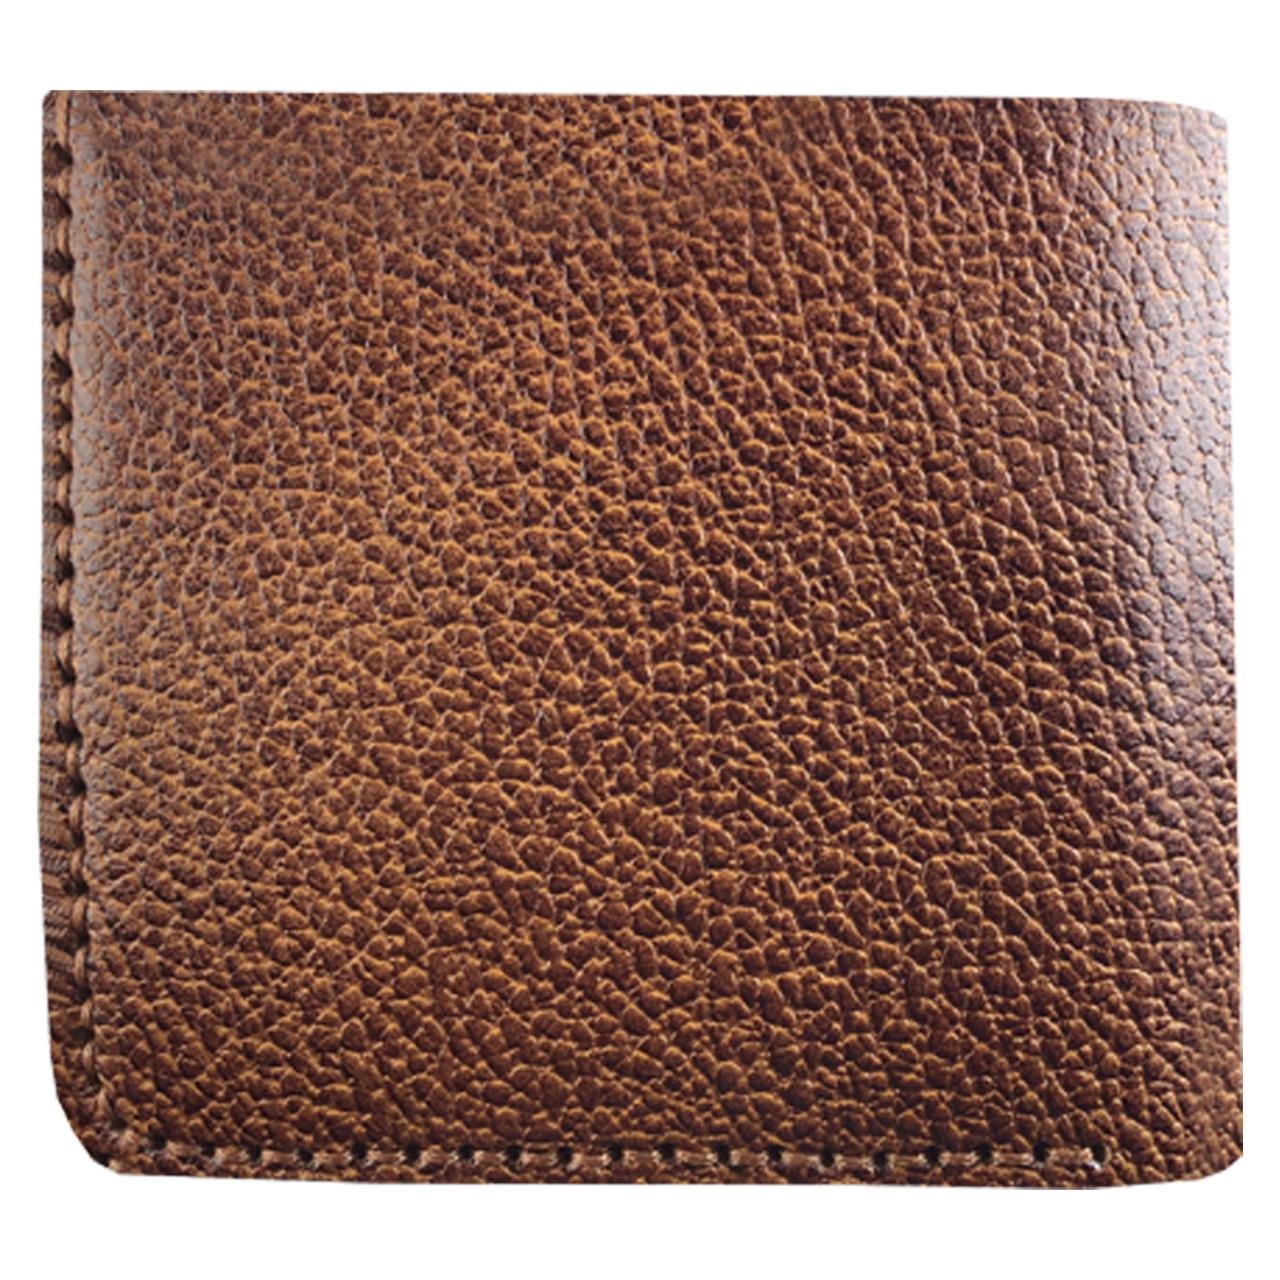 کیف پول چرم طبیعی ای دی گالری مدل P1-BRM